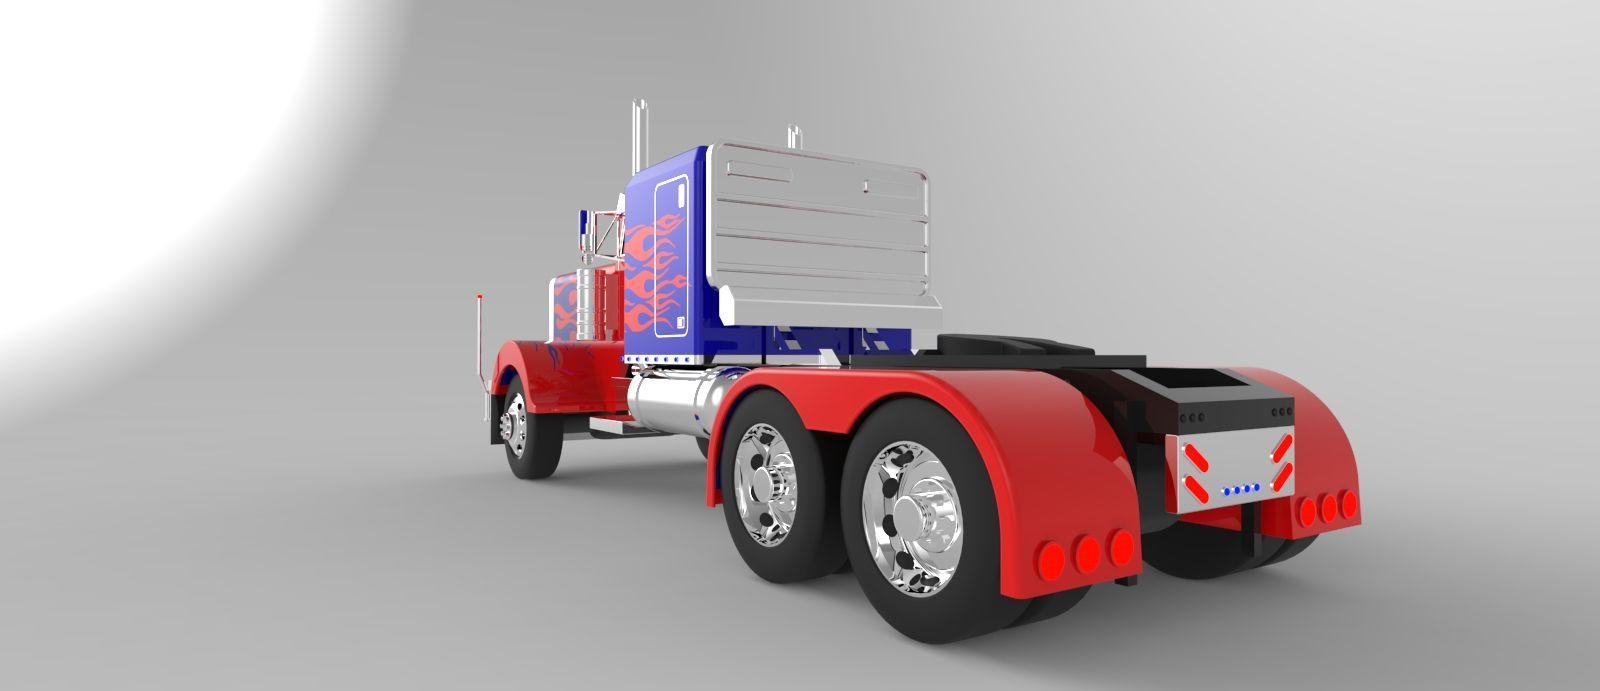 Optimus-42-3500-3500